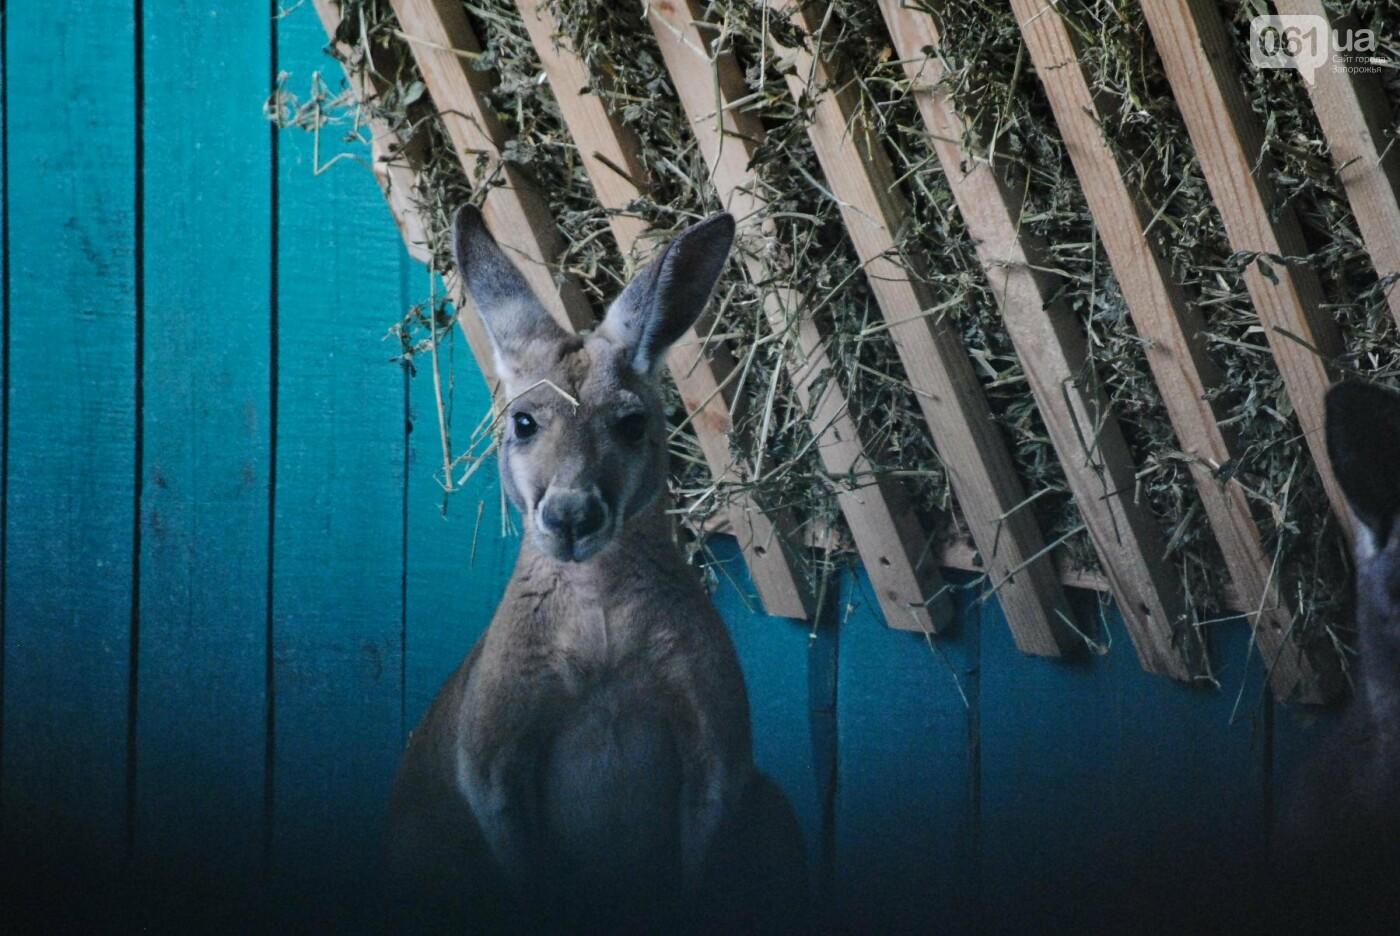 В бердянском зоопарке появились кенгуру: они любят хлеб и скоро станут ручными, - ФОТОРЕПОРТАЖ, фото-7